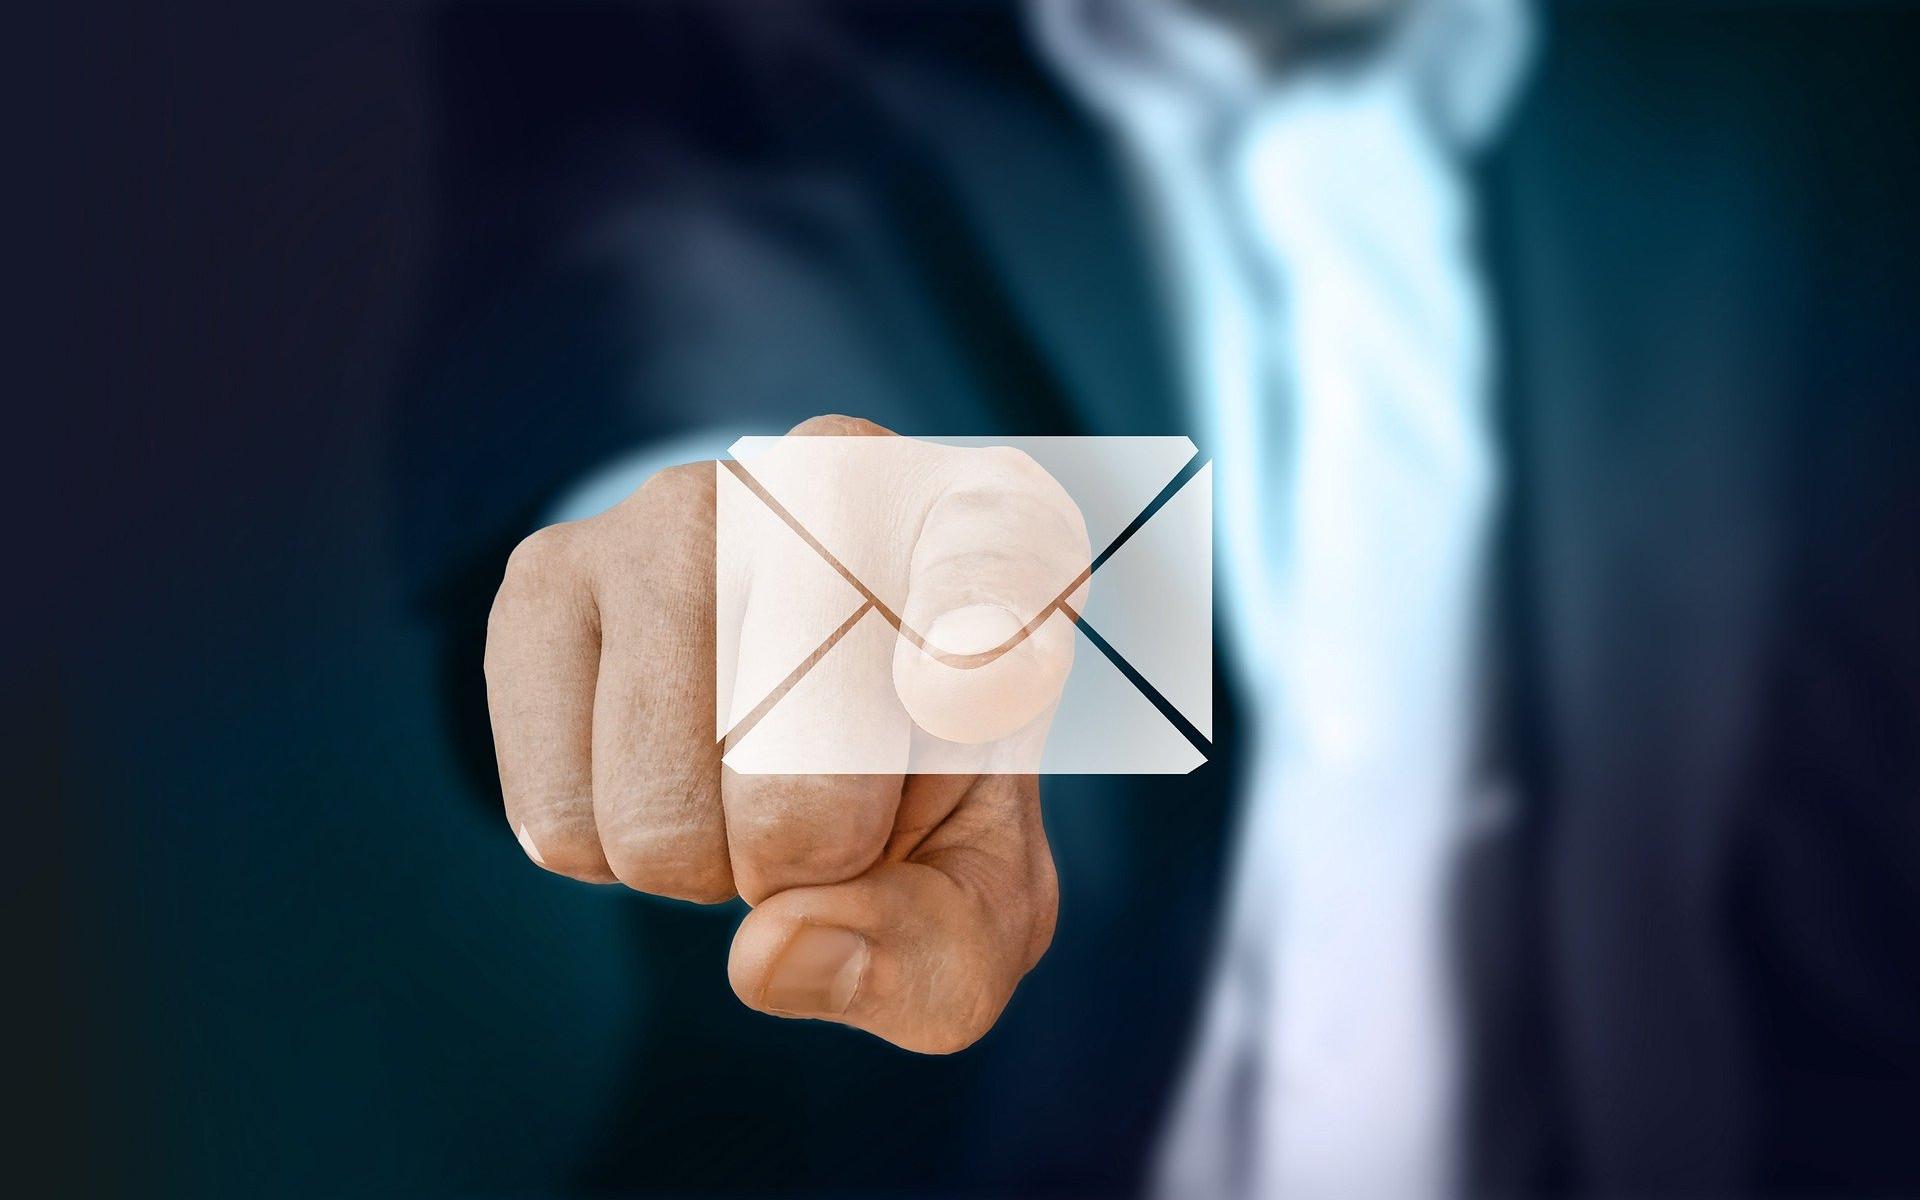 Zeigefinger auf Mailsymbol